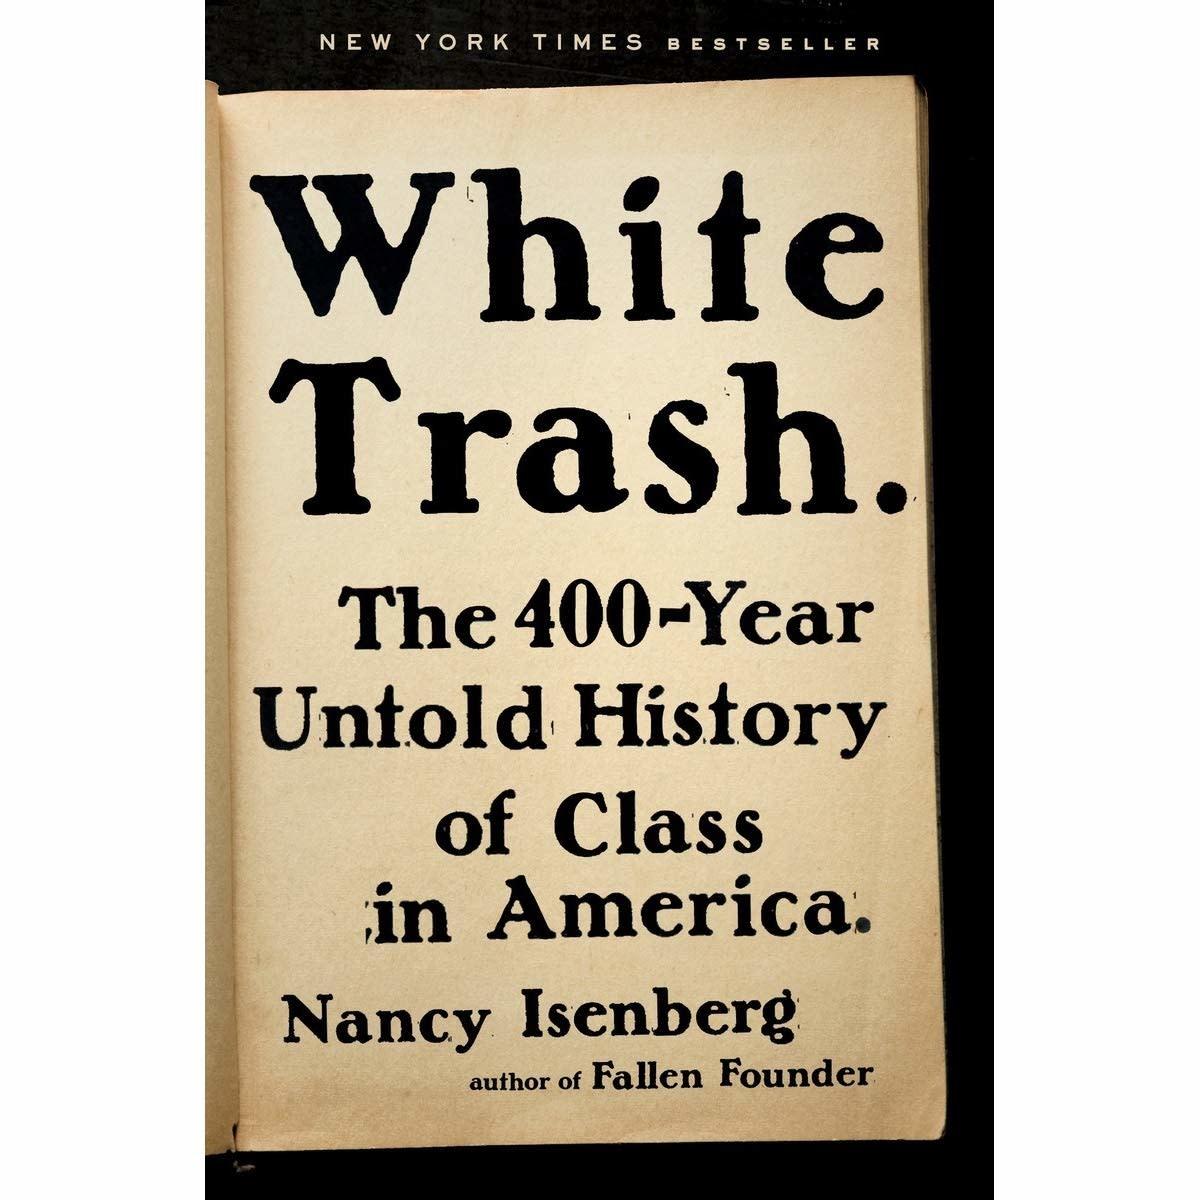 Nancy Isenberg: White Trash